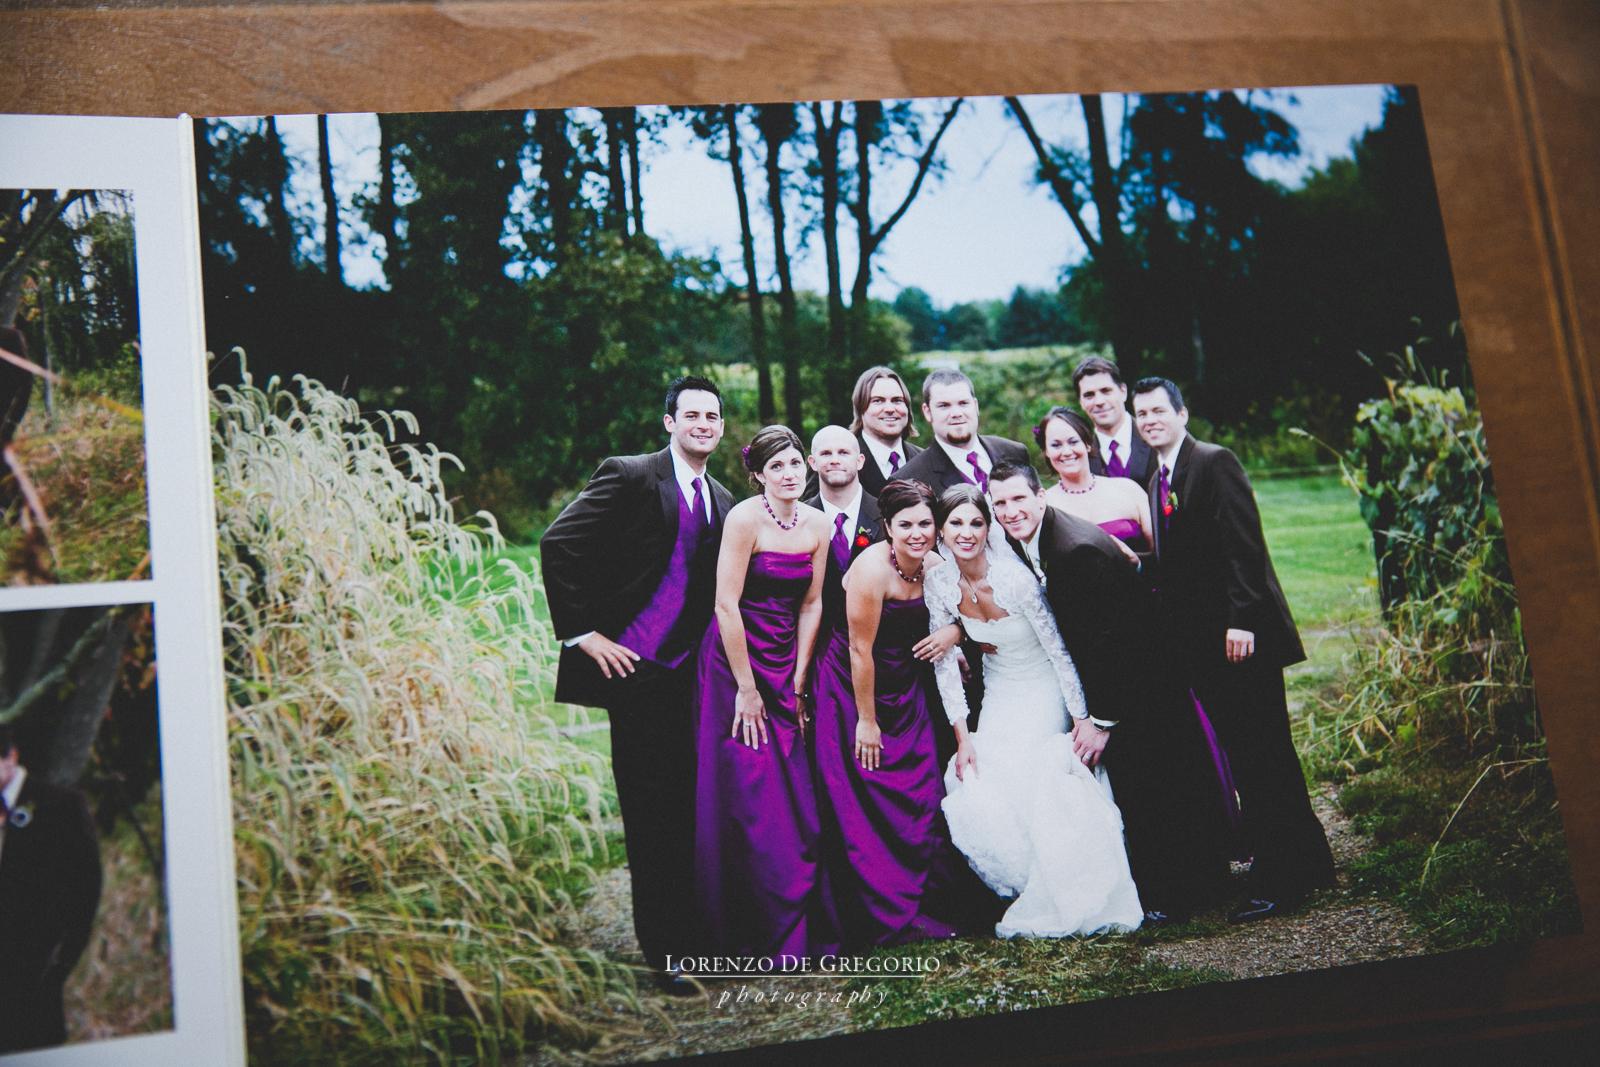 Michigan Queensberry album vineyard wedding